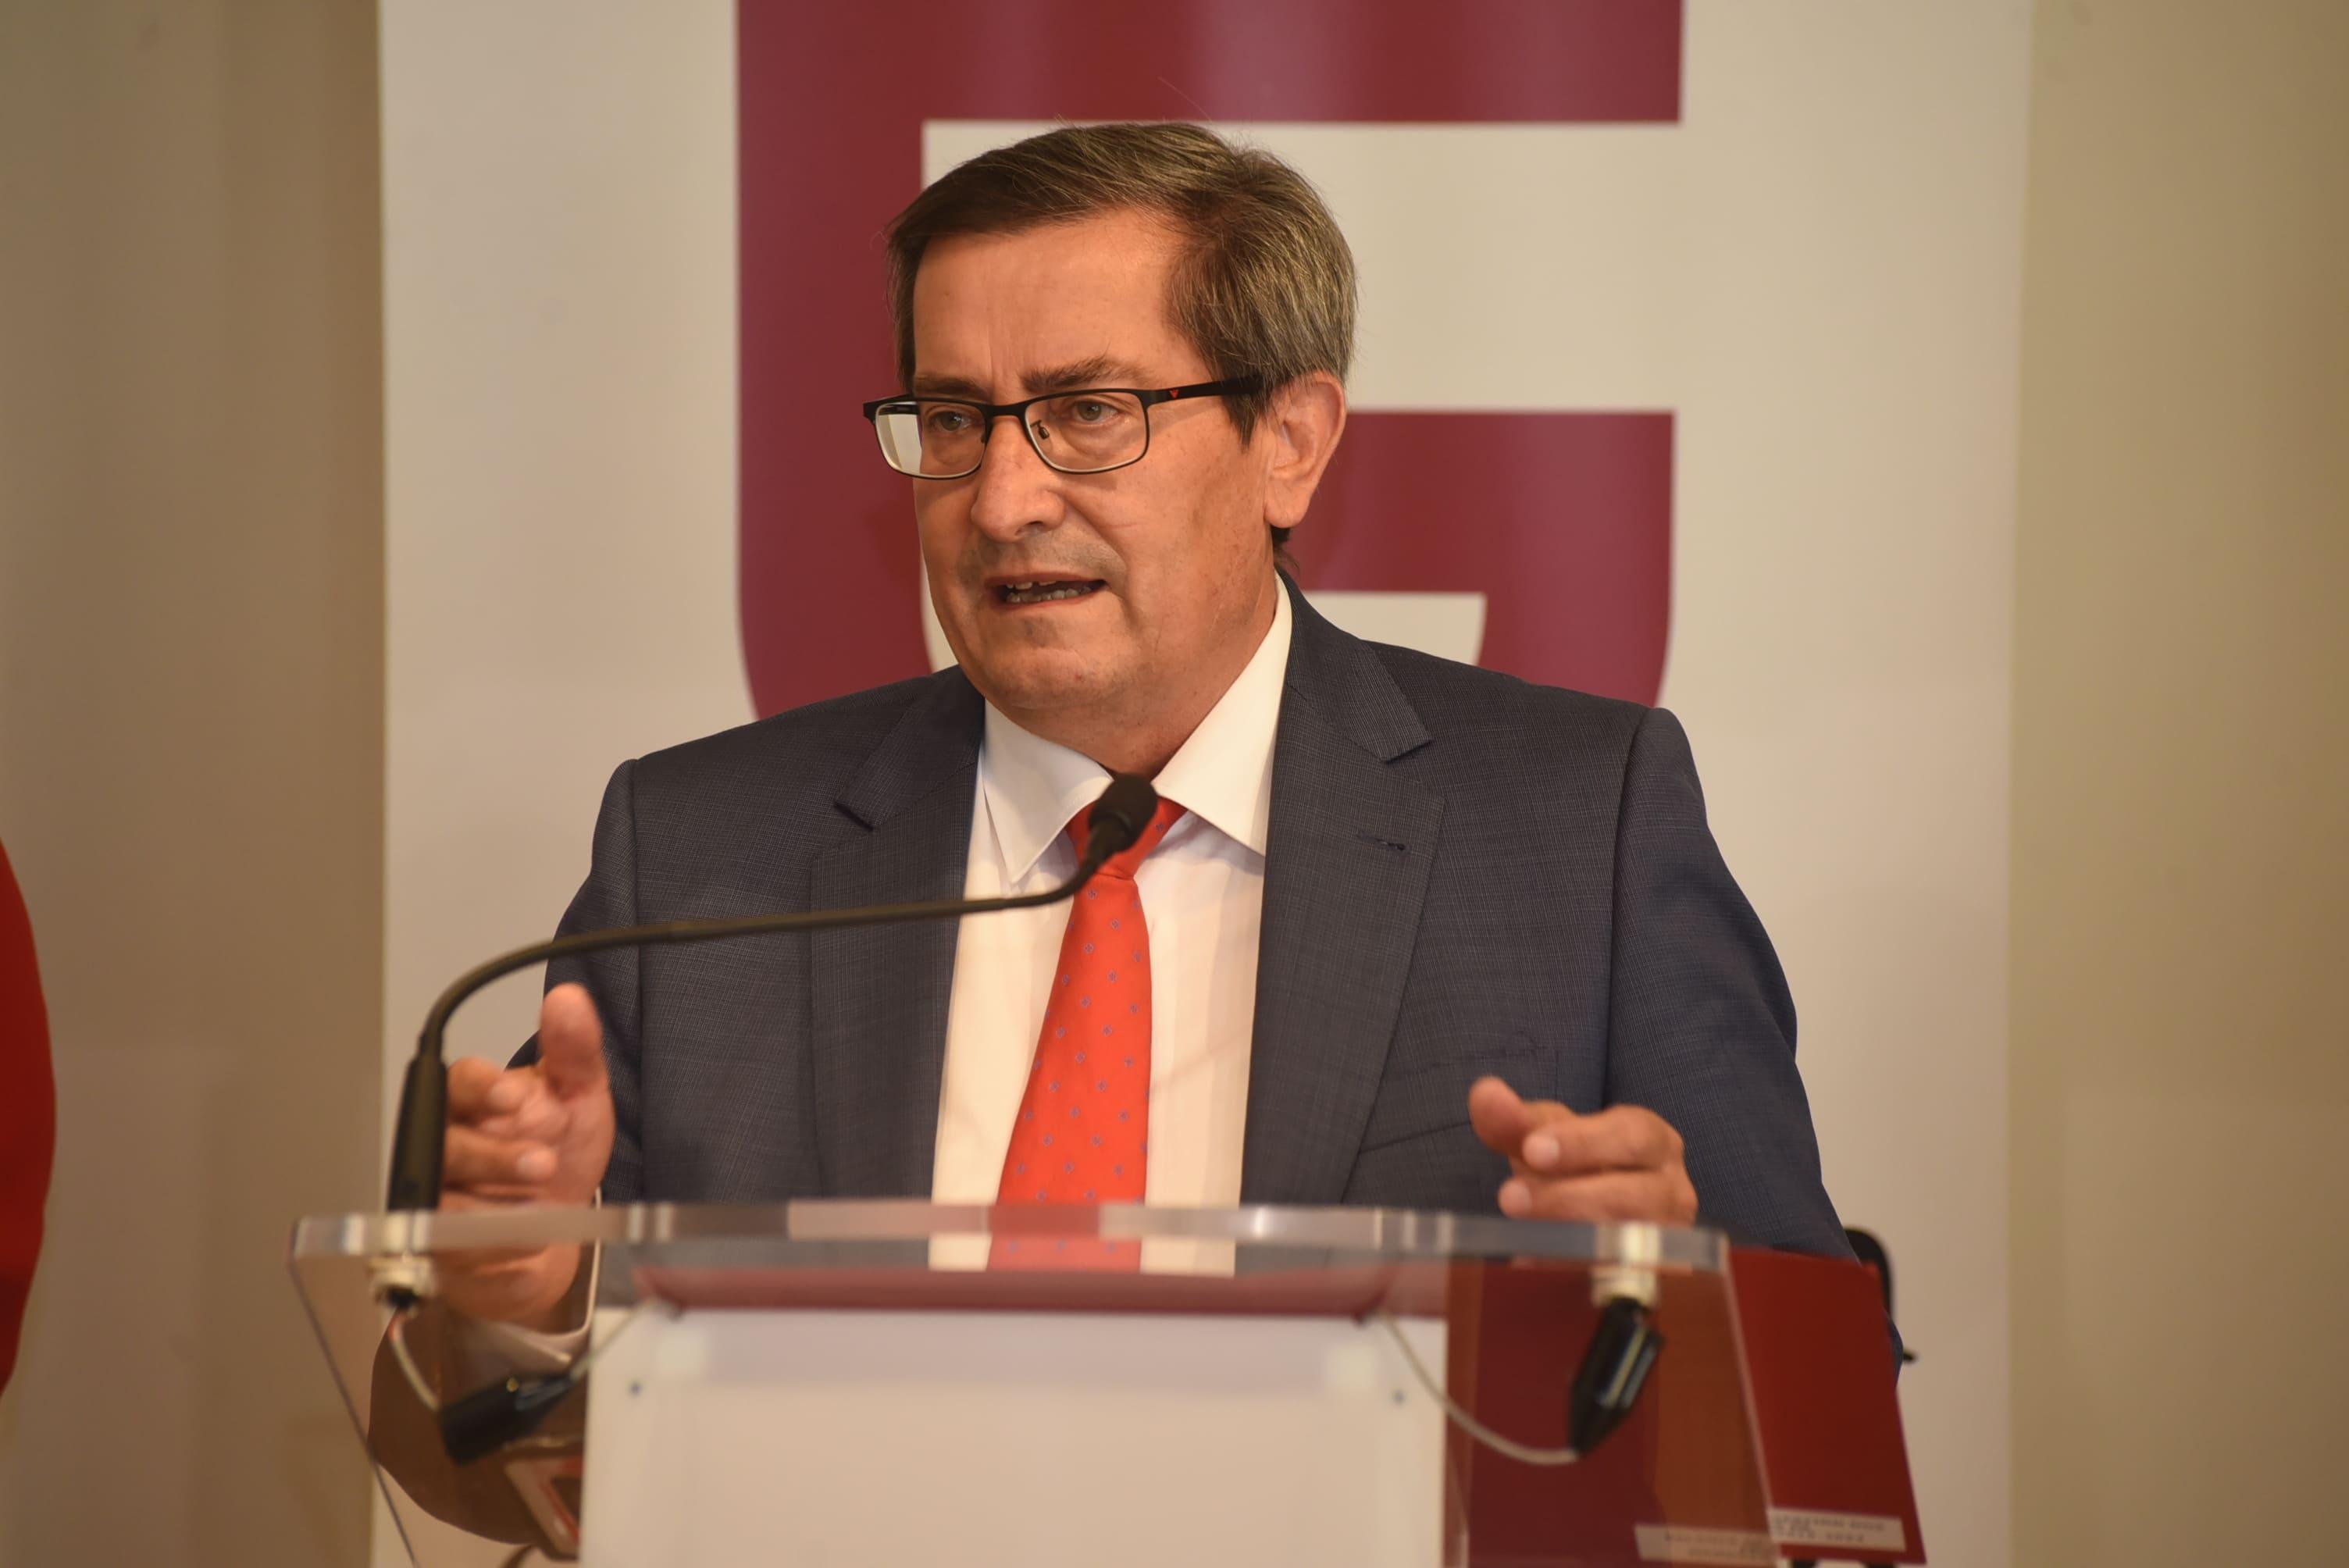 Diputación formula alegaciones al anteproyecto del Instituto Andaluz de Salud y solicita que su sede se ubique en Granada